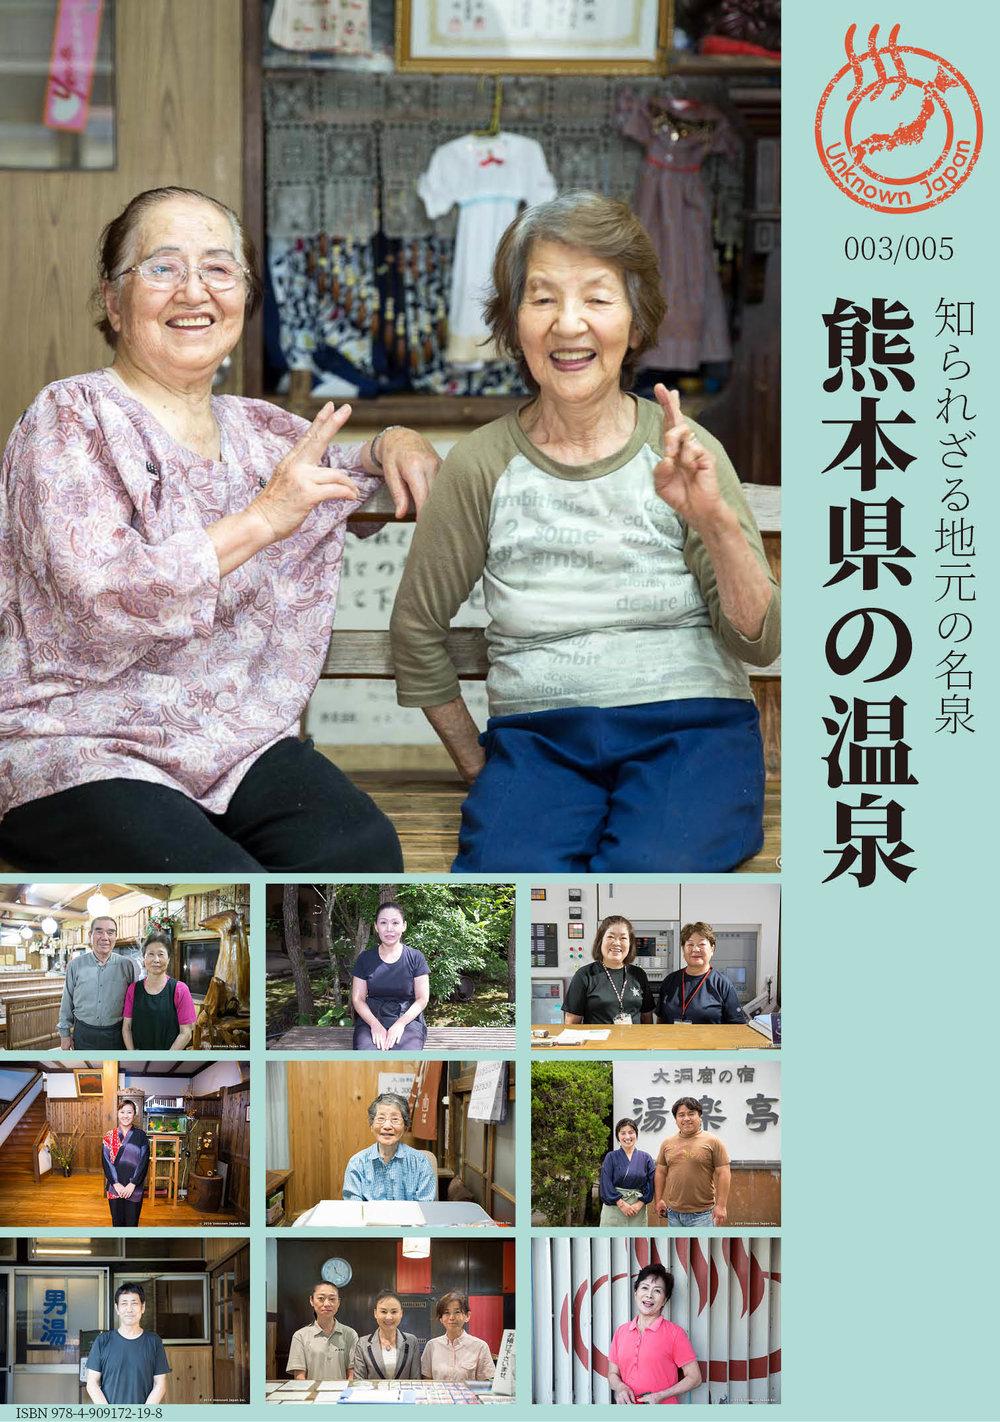 電子書籍「知られざる地元の名泉 003 熊本県の温泉」   680円(税込)